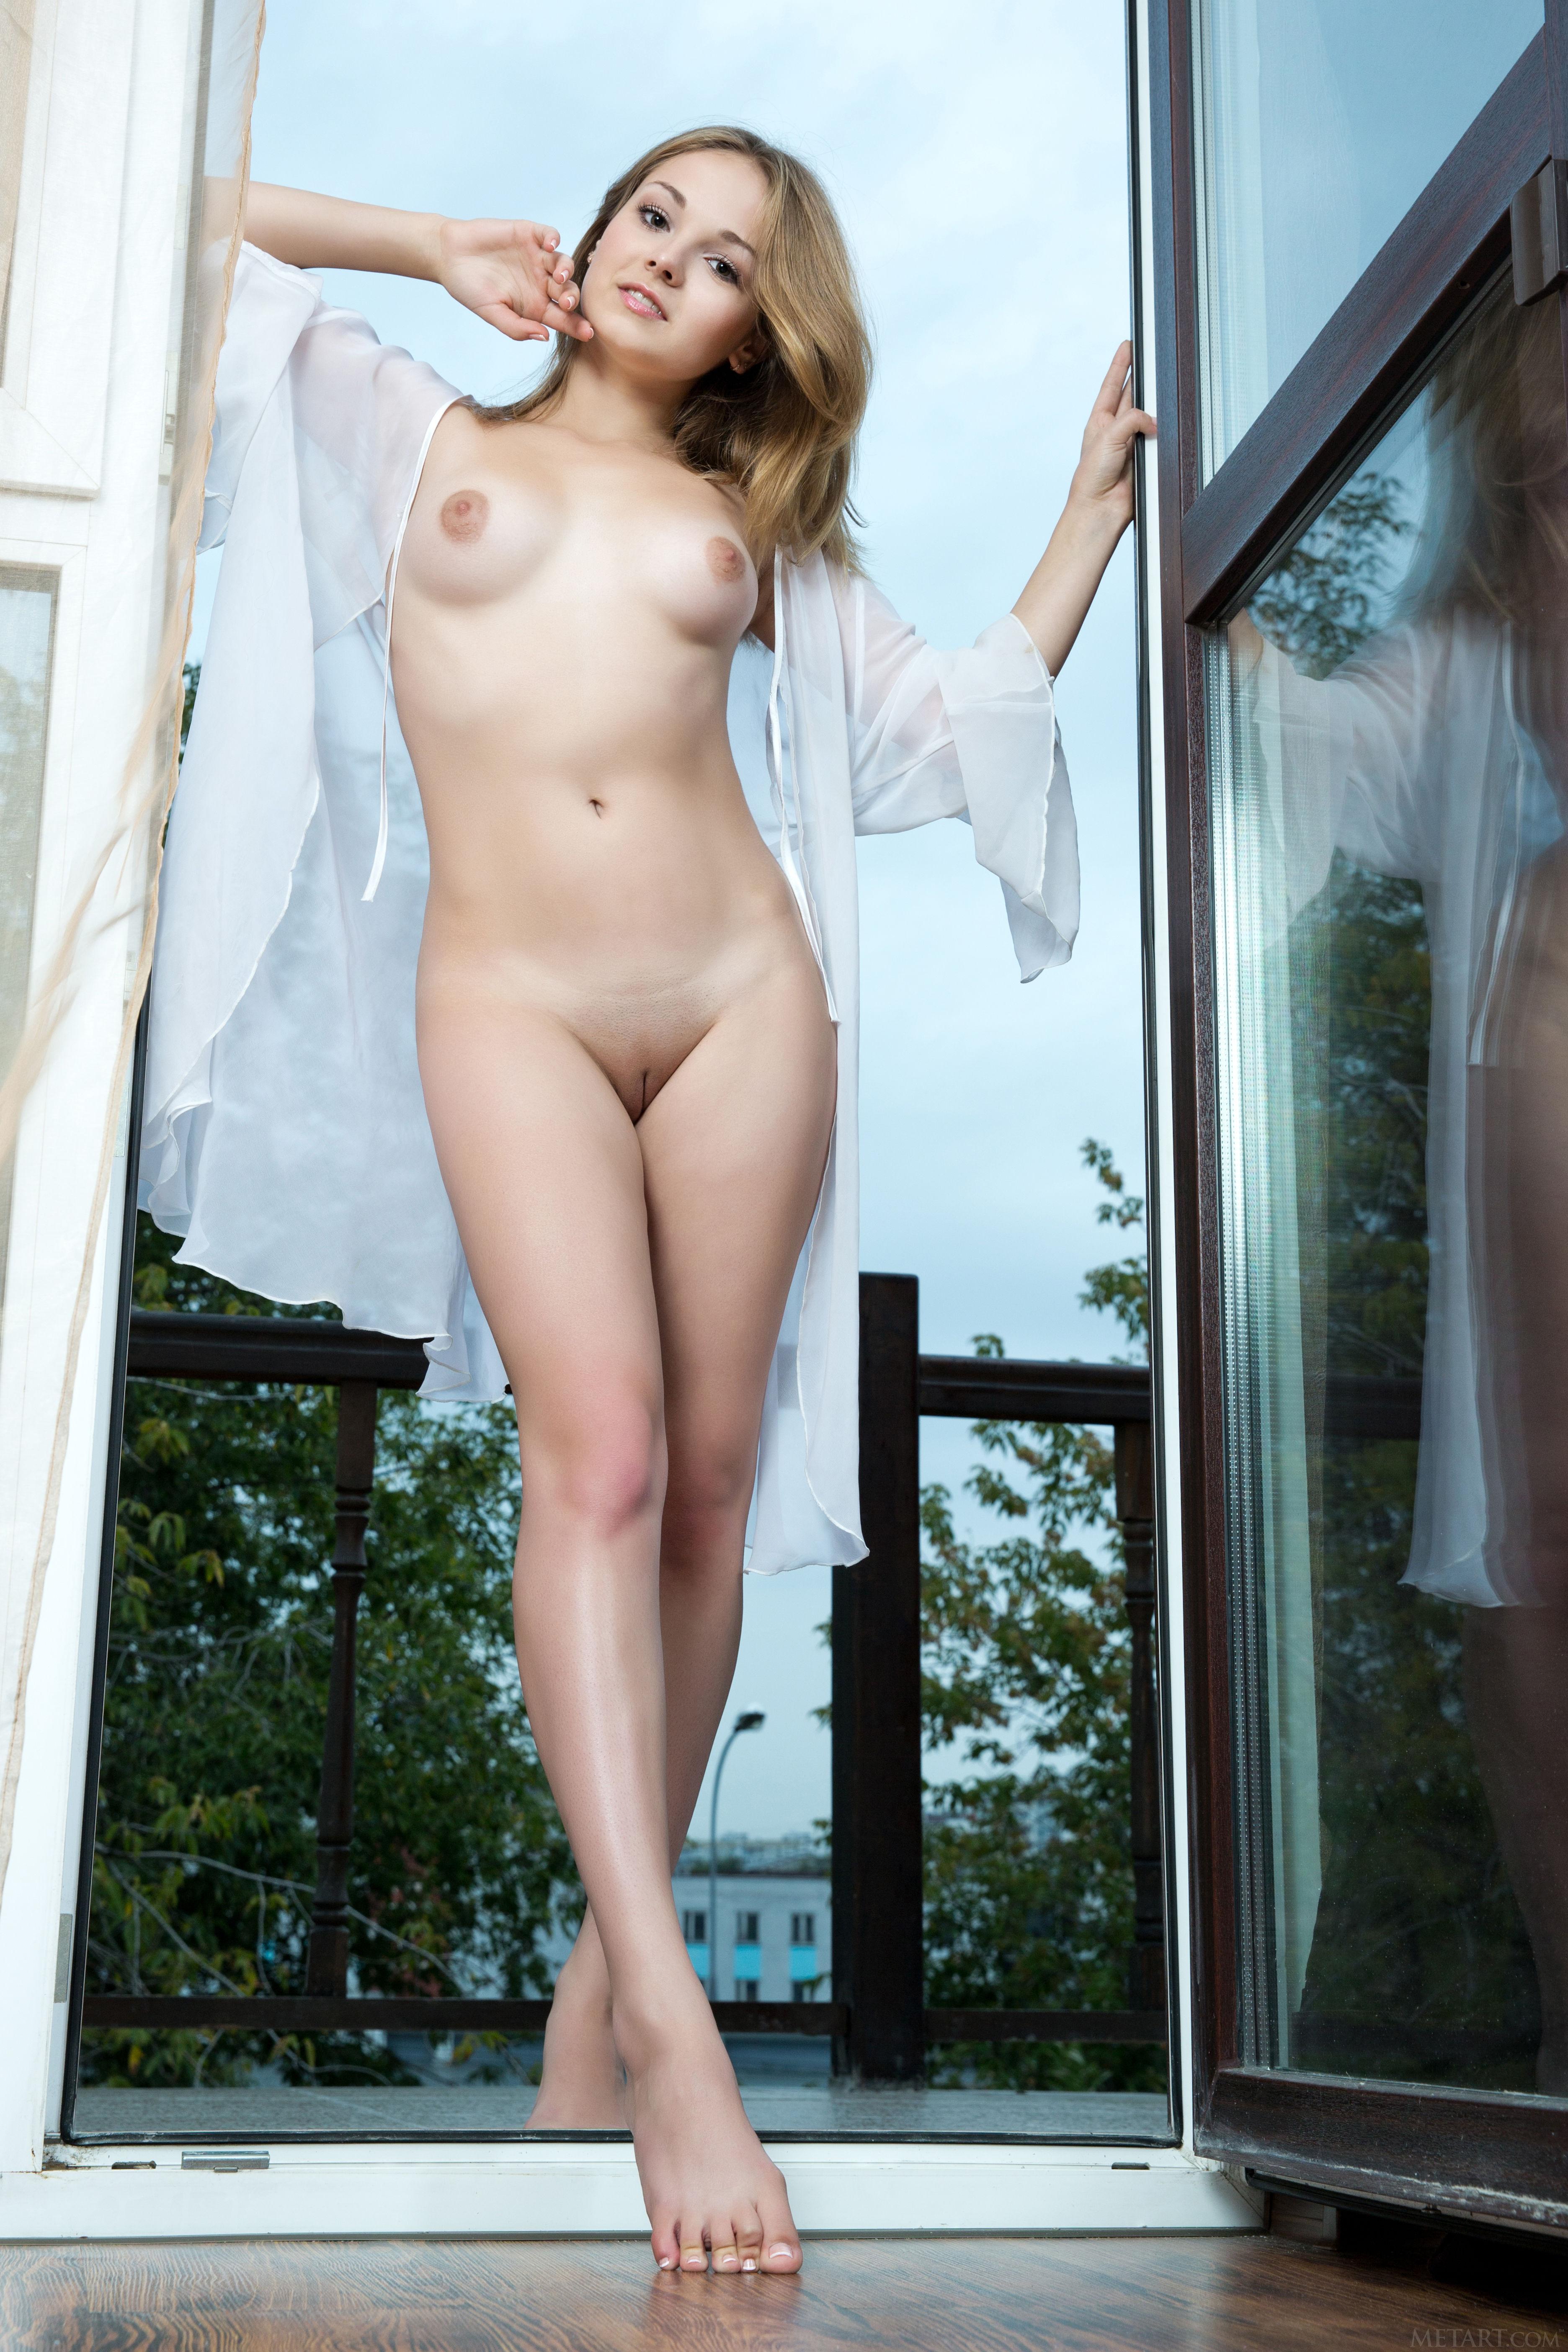 stefanie scott nude